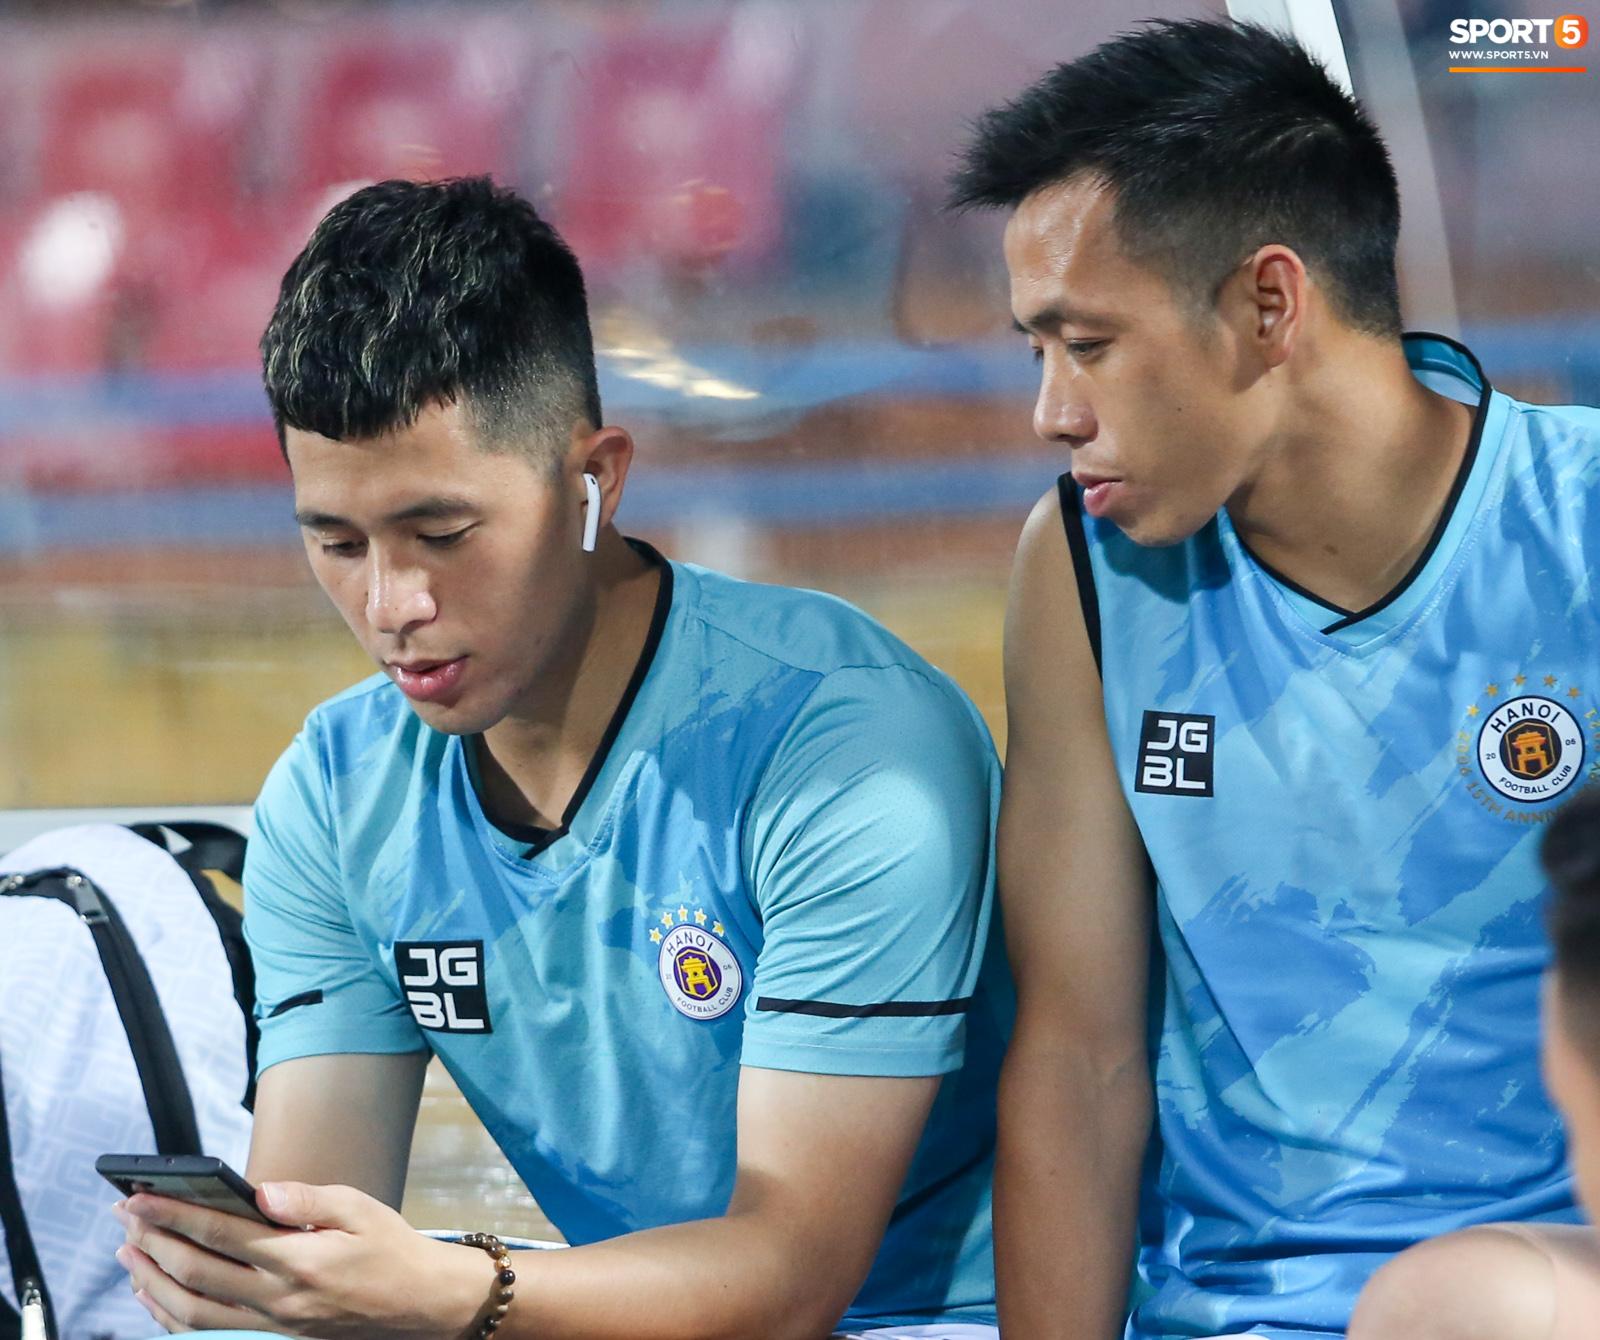 Cầu thủ Hà Nội FC xem HAGL thi đấu qua điện thoại, thất vọng khi Công Phượng ghi bàn - ảnh 8